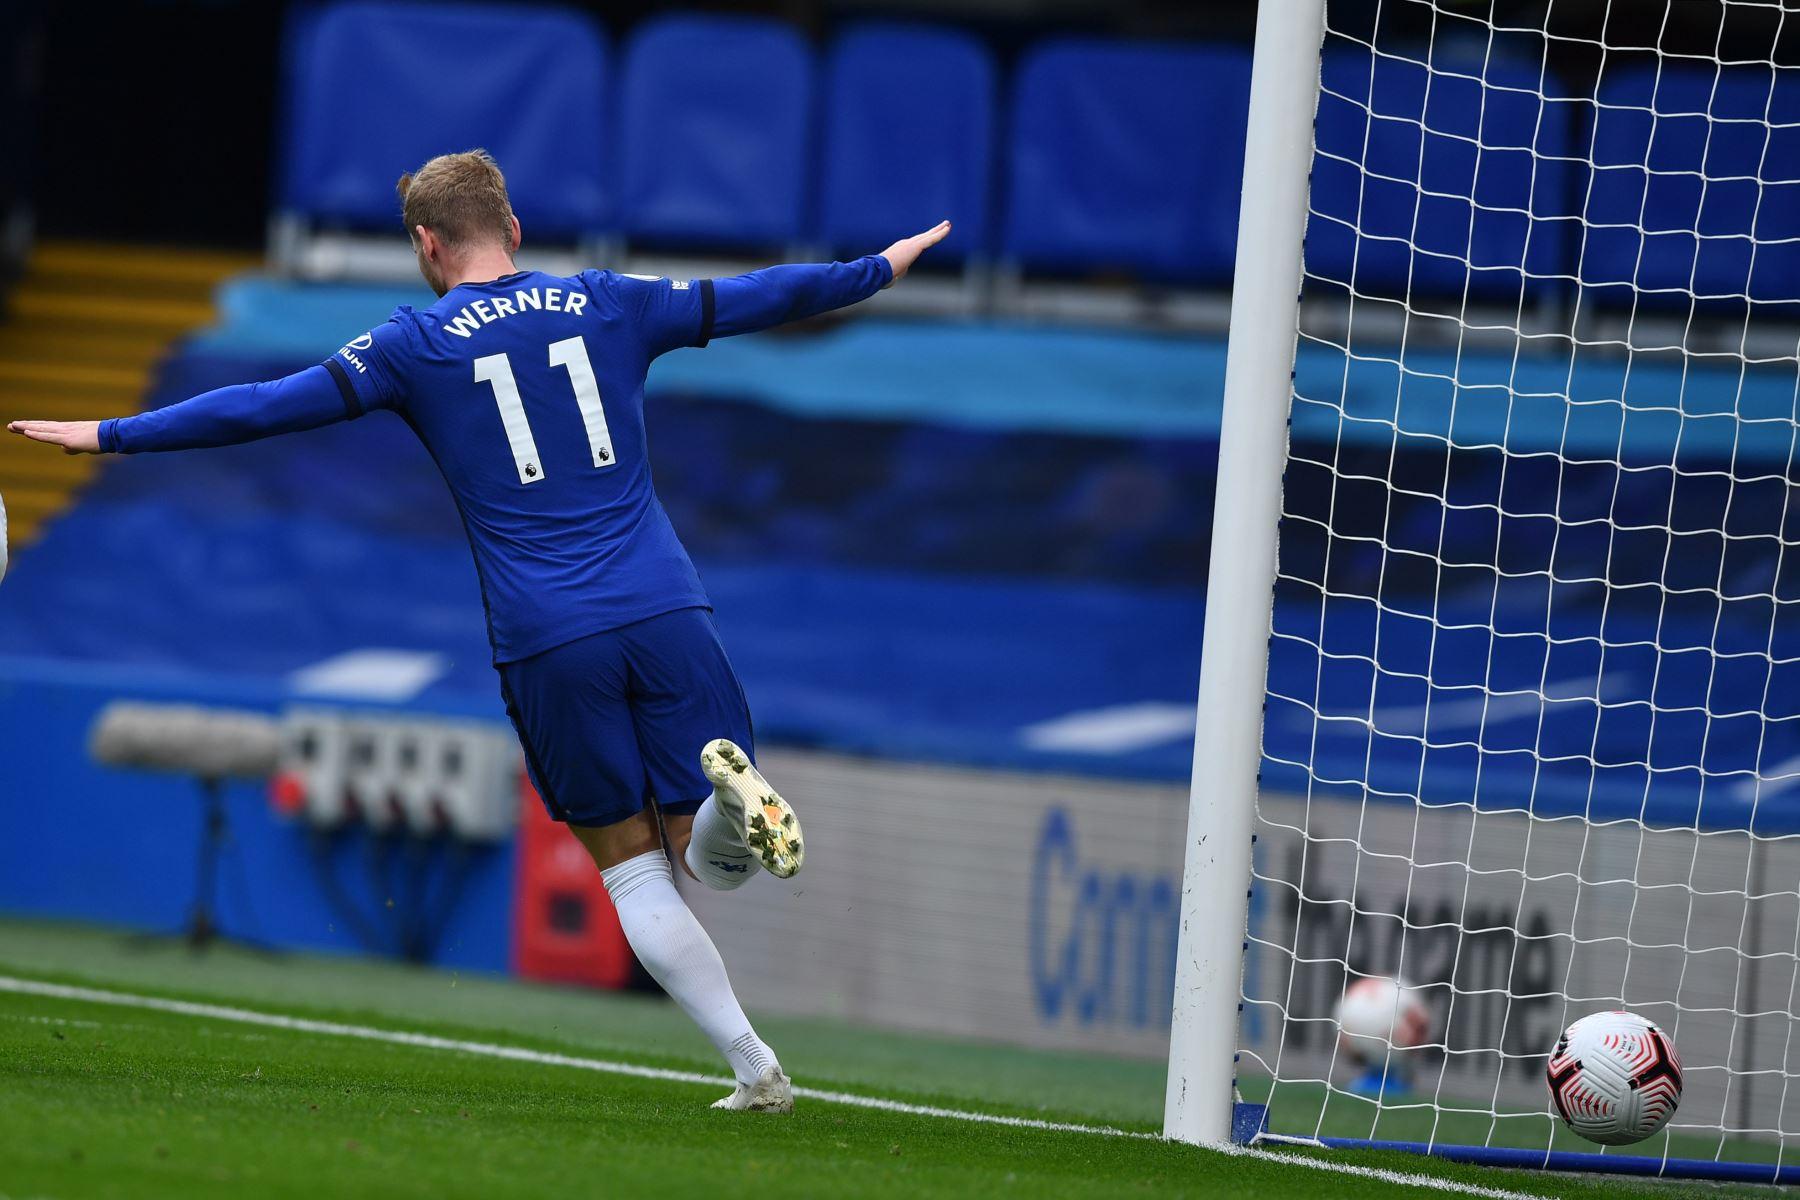 El delantero alemán de Chelsea, Timo Werner, celebra la puntuación durante el partido de fútbol de la Premier League en Stamford Bridge, Londres. Foto: AFP